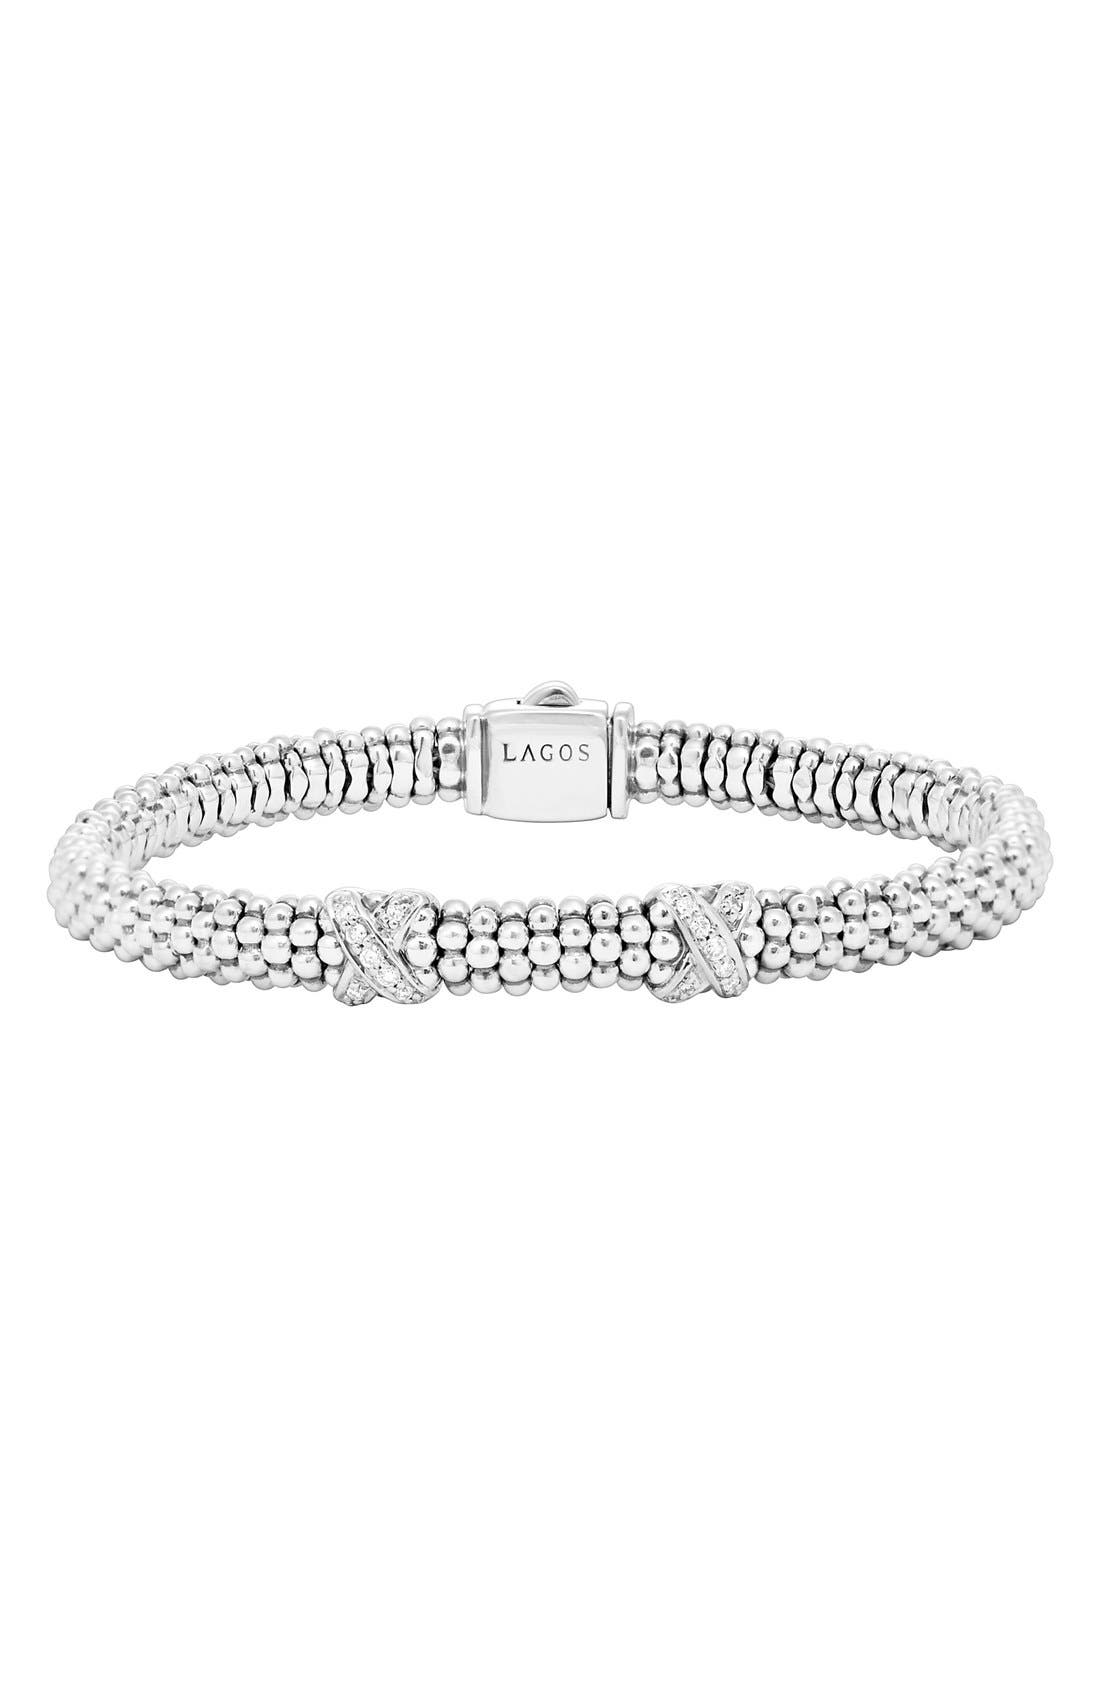 LAGOS Signature Caviar Diamond Rope Bracelet